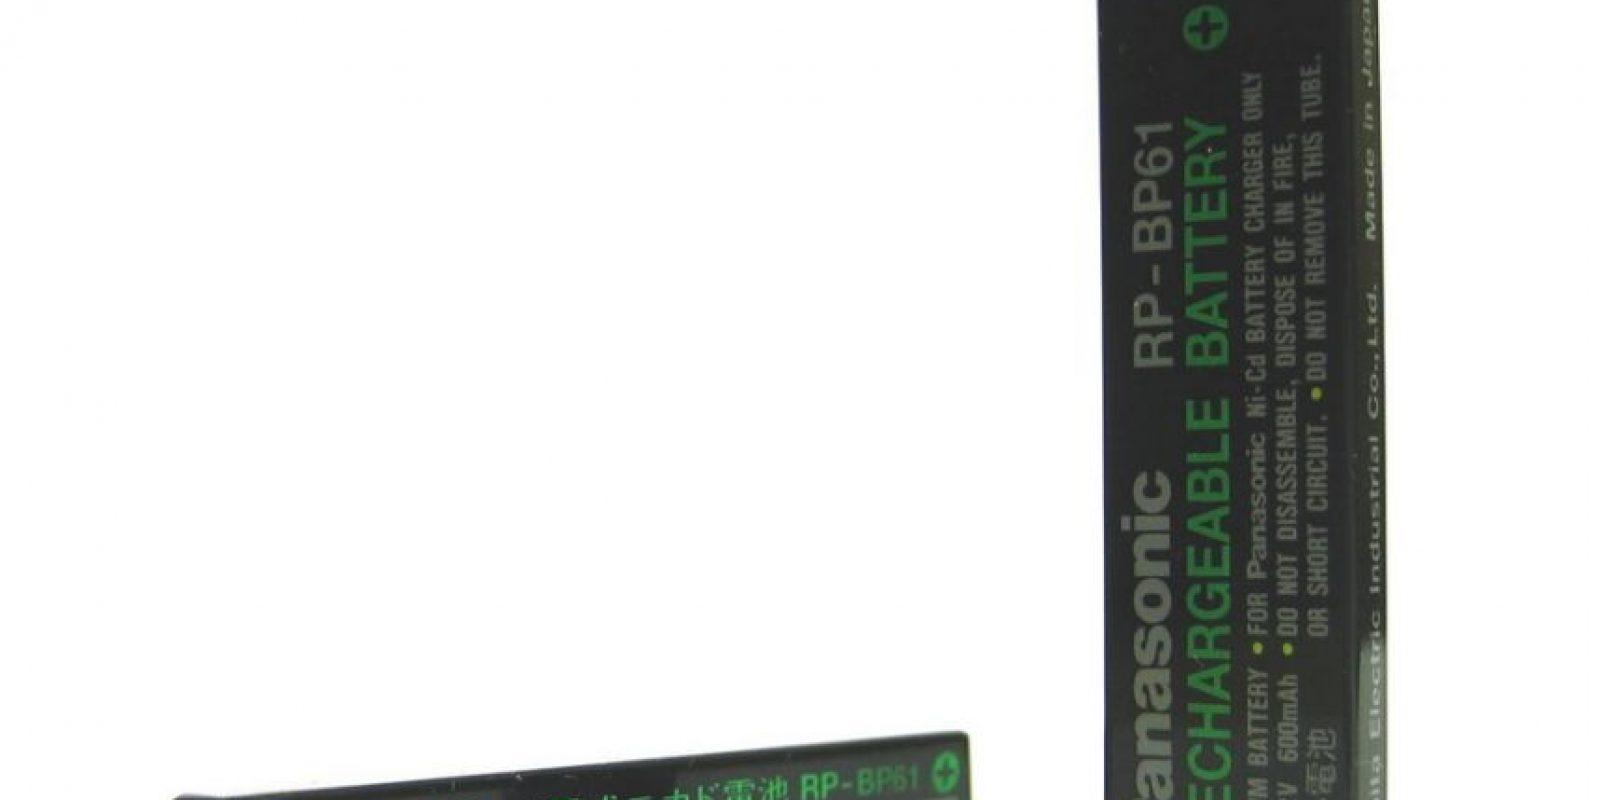 6.- Las notificaciones push gastan mucha energía de su celular, para configurarlas vayan a Ajustes > Notificaciones, después elijan sus aplicaciones y desactiven todas las notificaciones que no sean necesarias Foto:Wikicommons